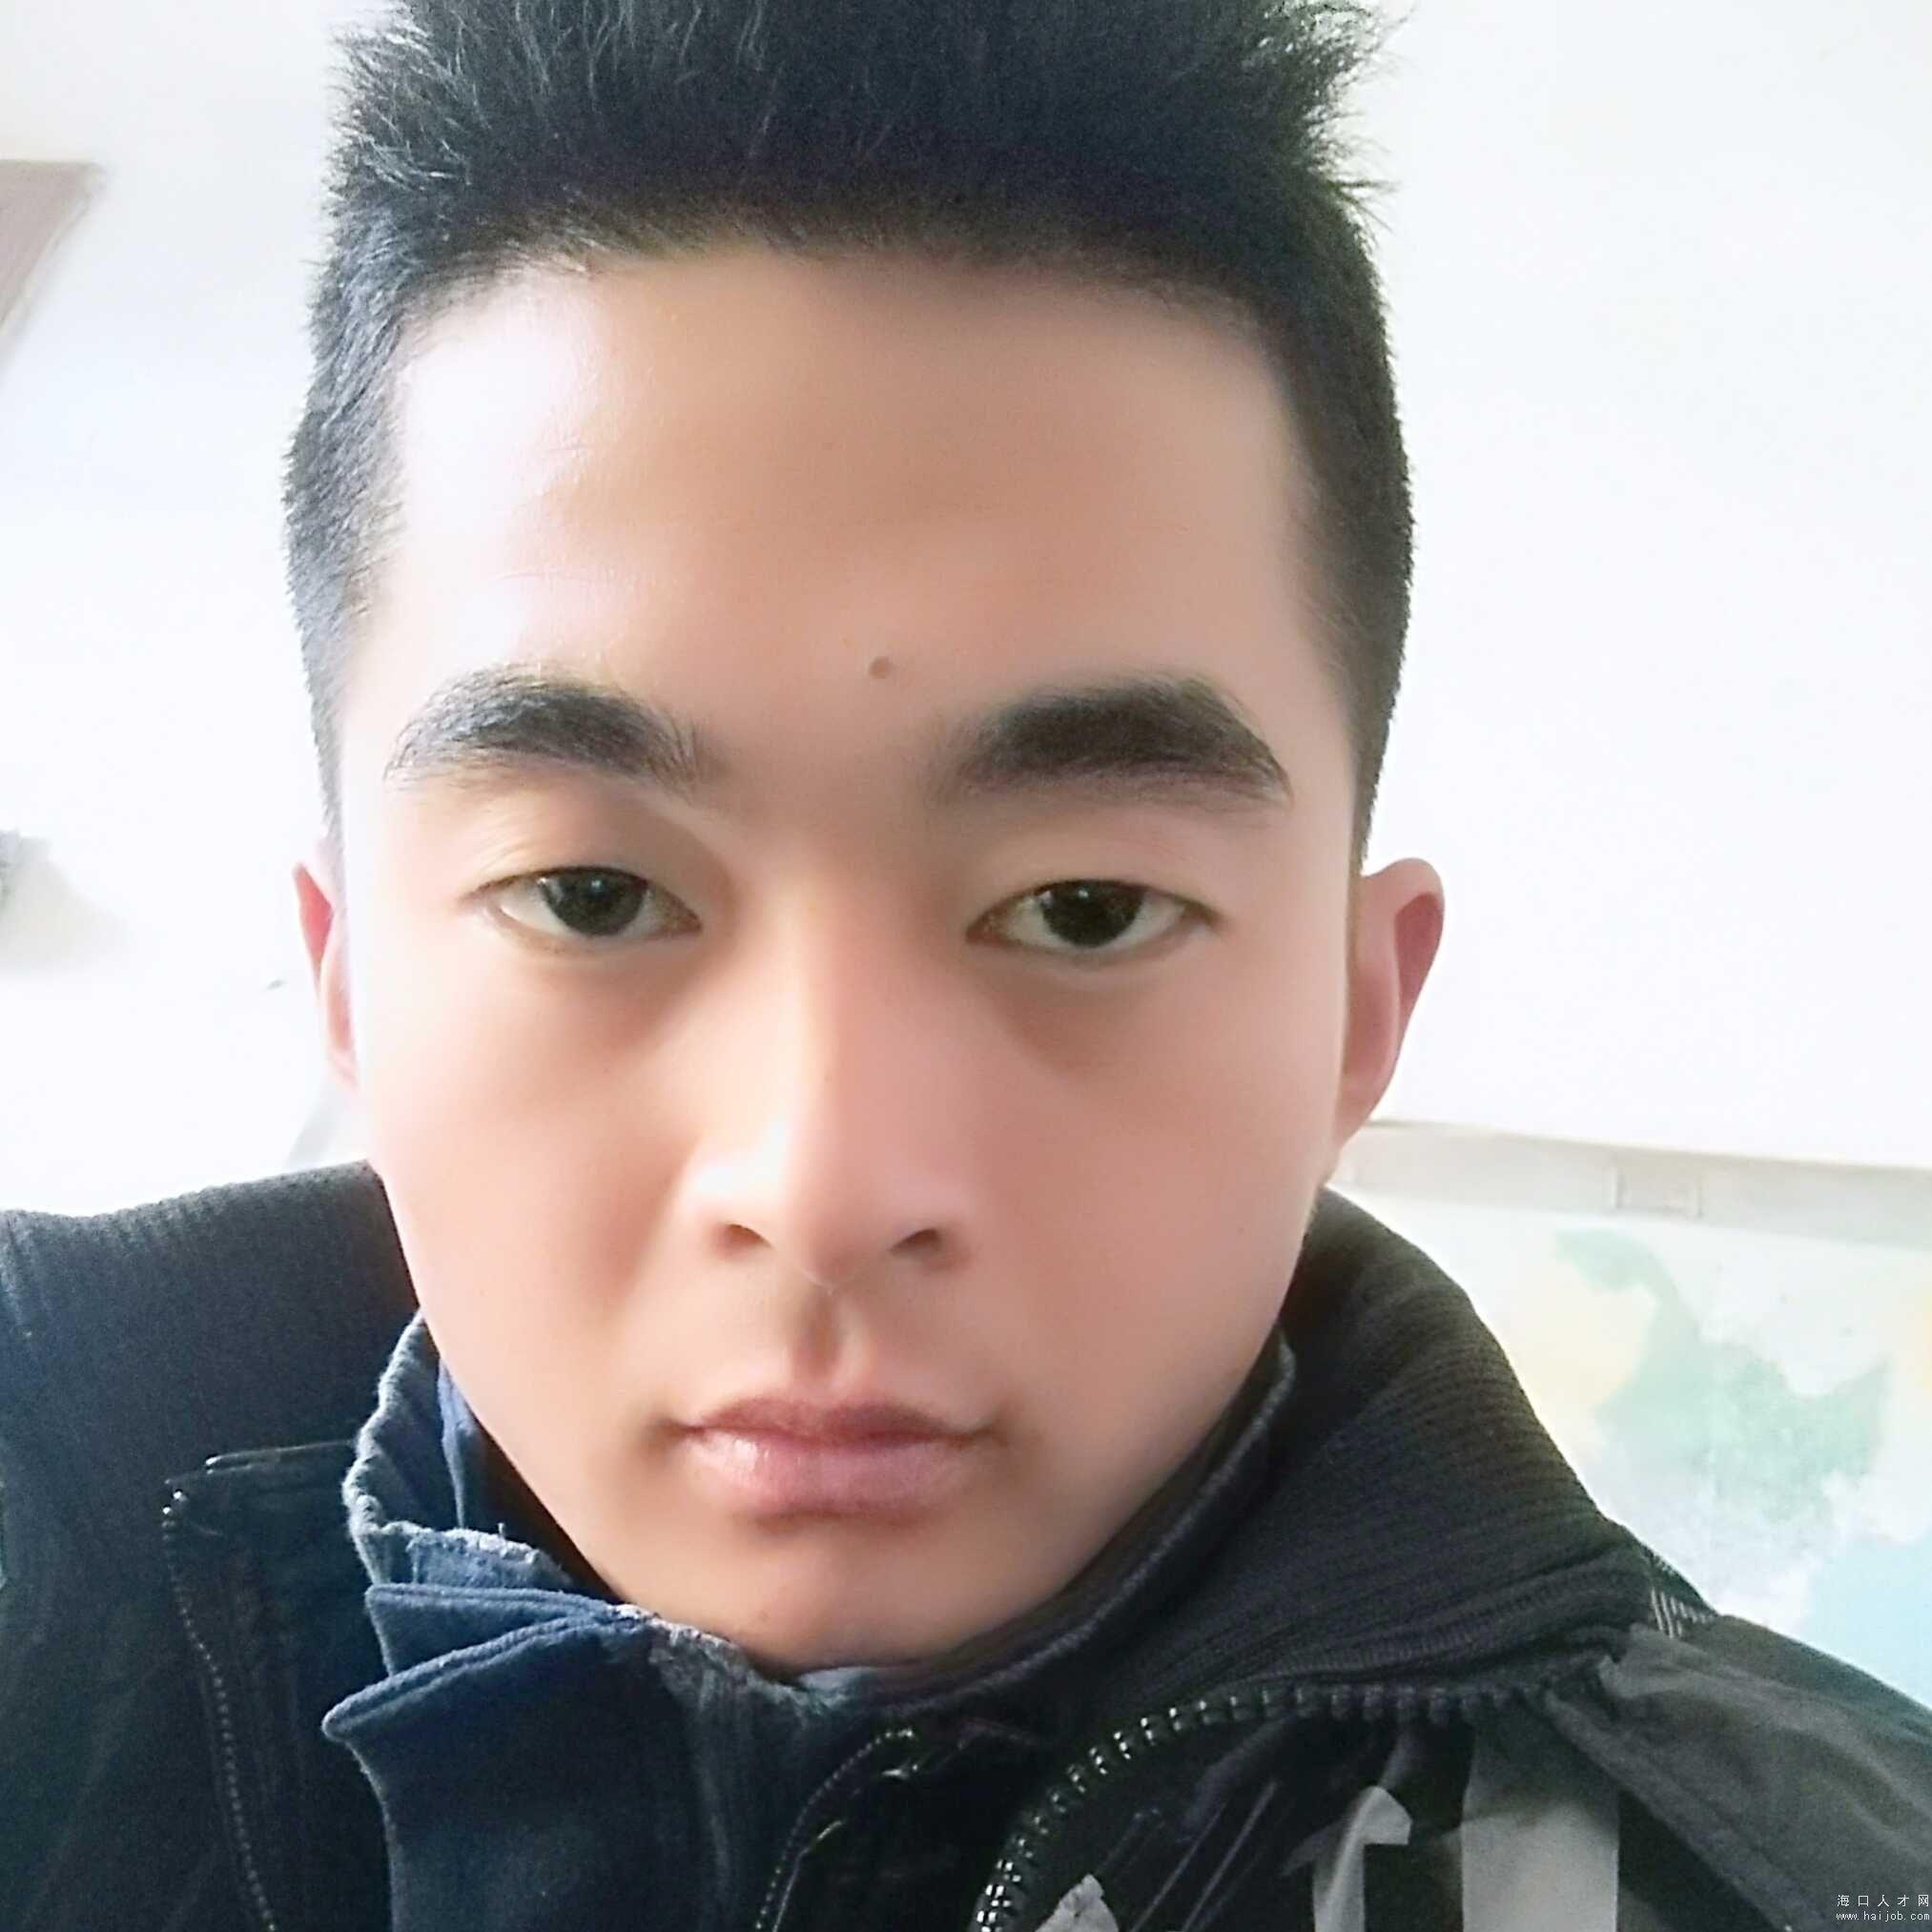 霍鹏帅简历照片